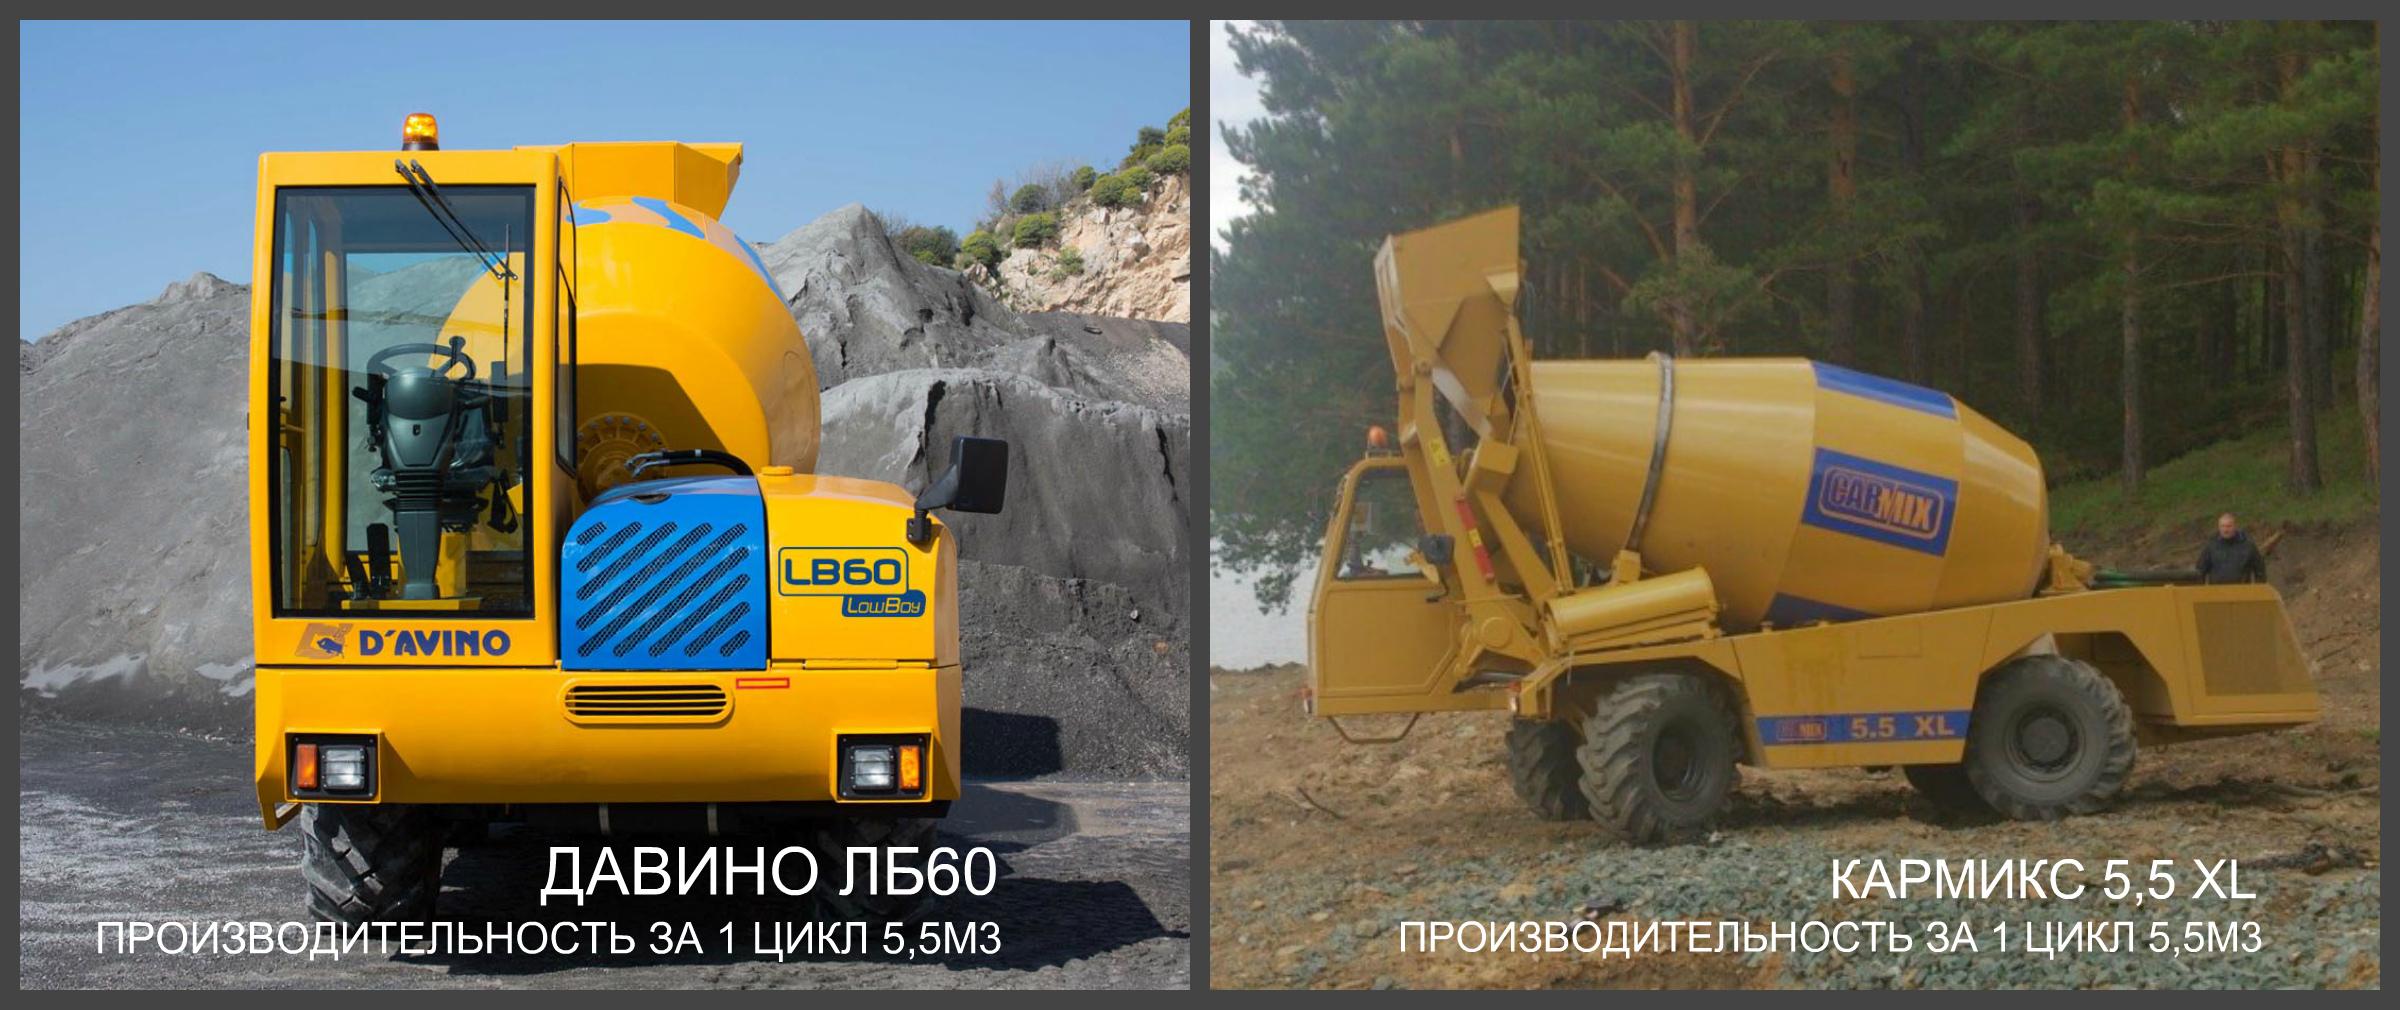 DAVINO VS CARMIX сравнение бетонных заводов кармикс и давино